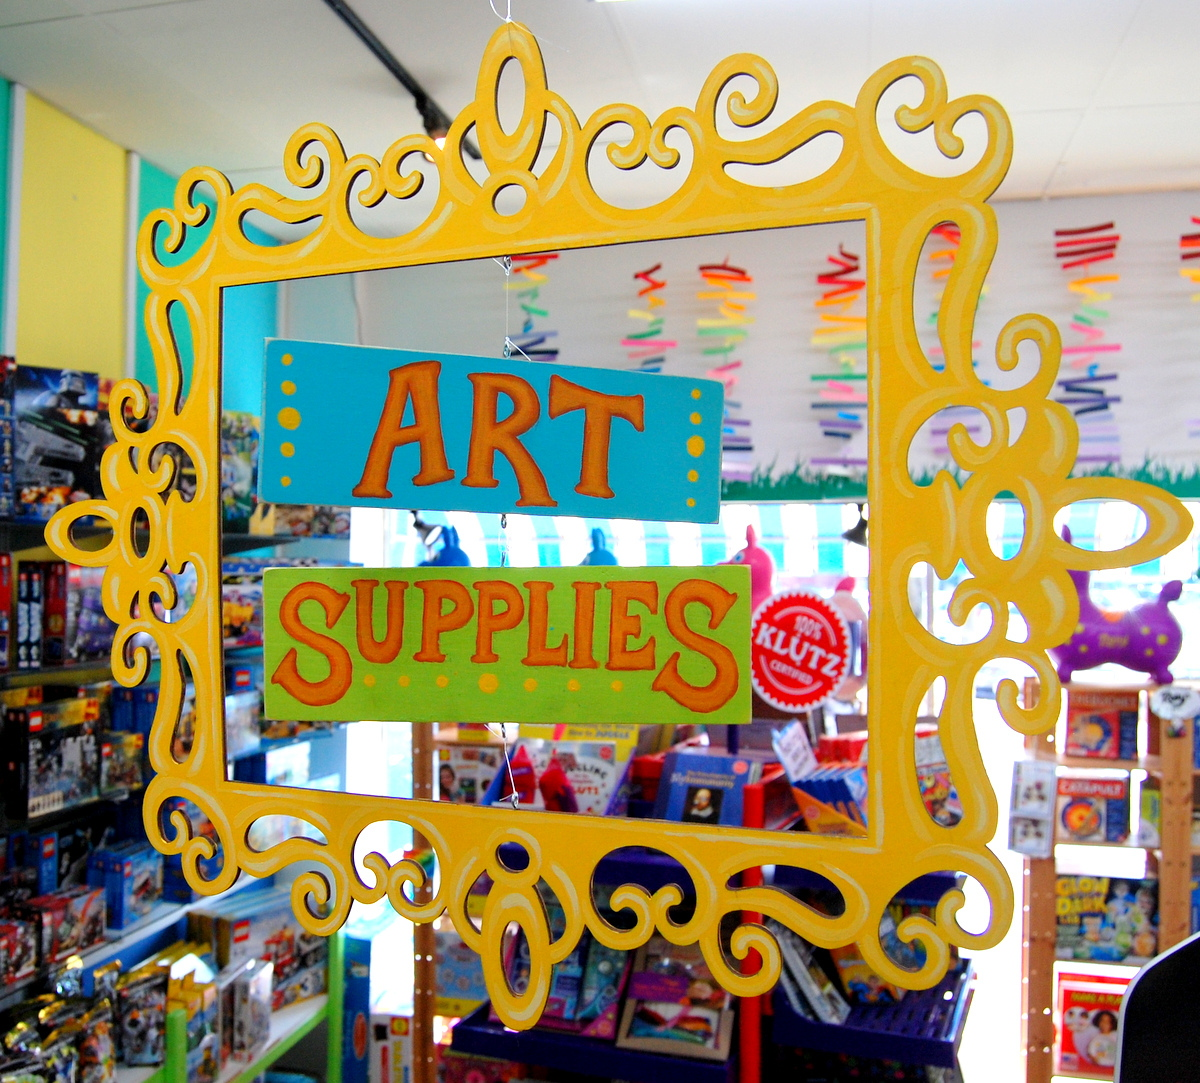 New Art Supplies Sign At Pufferbellies